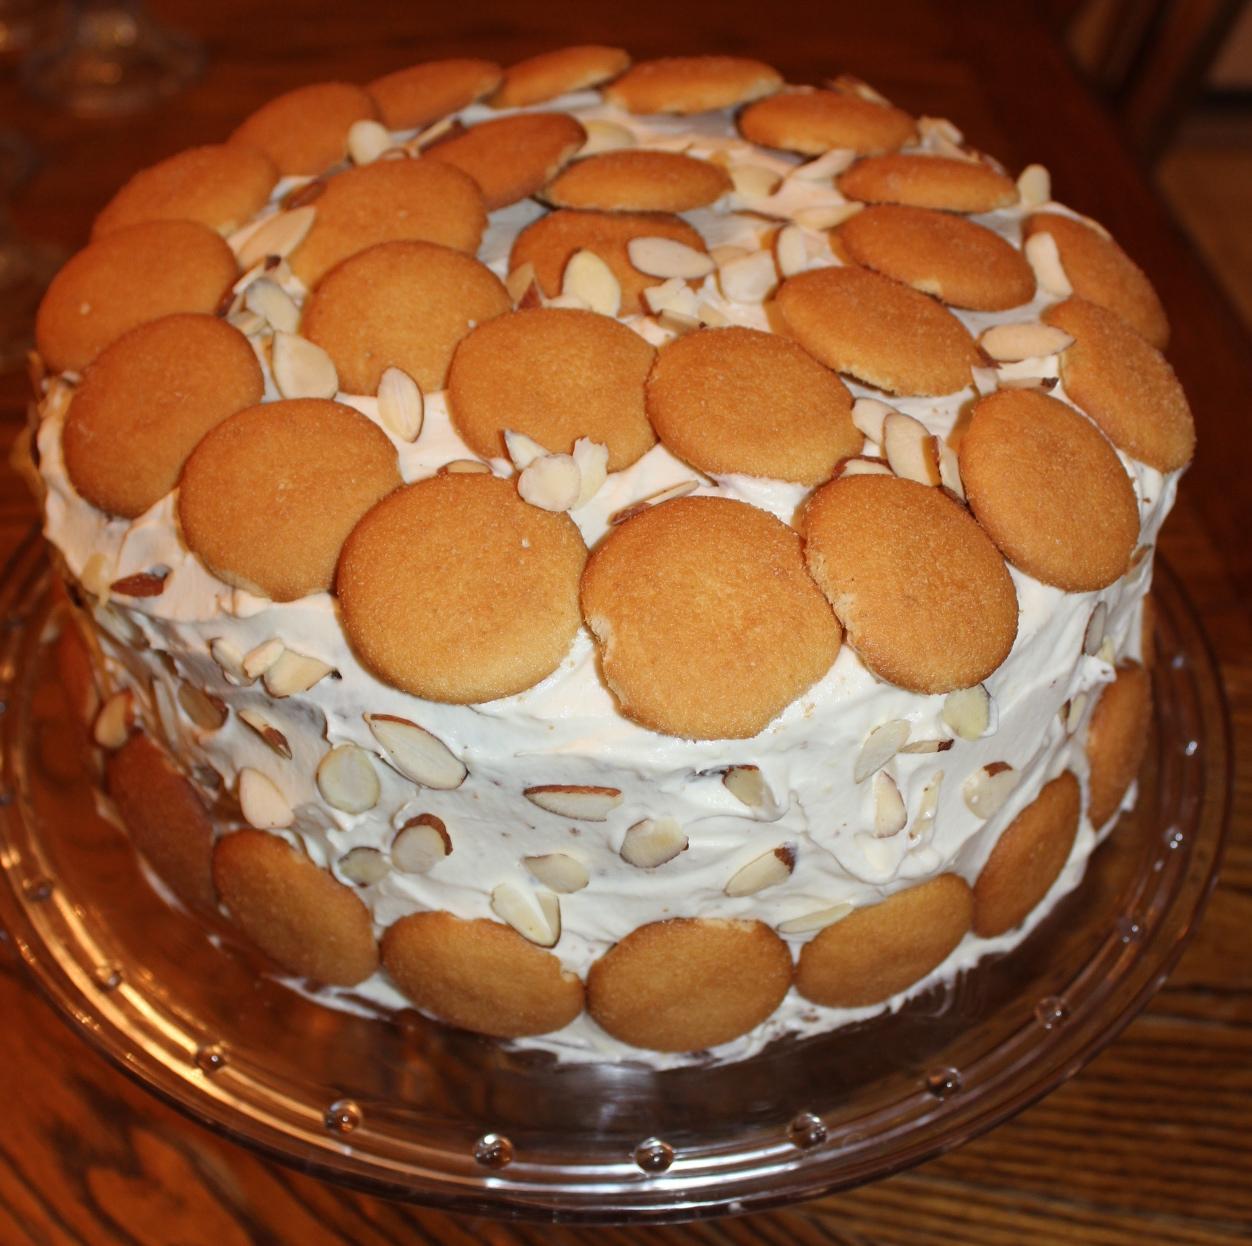 ... caramel banana cake double banana cake banana sheet cake nilla wafers